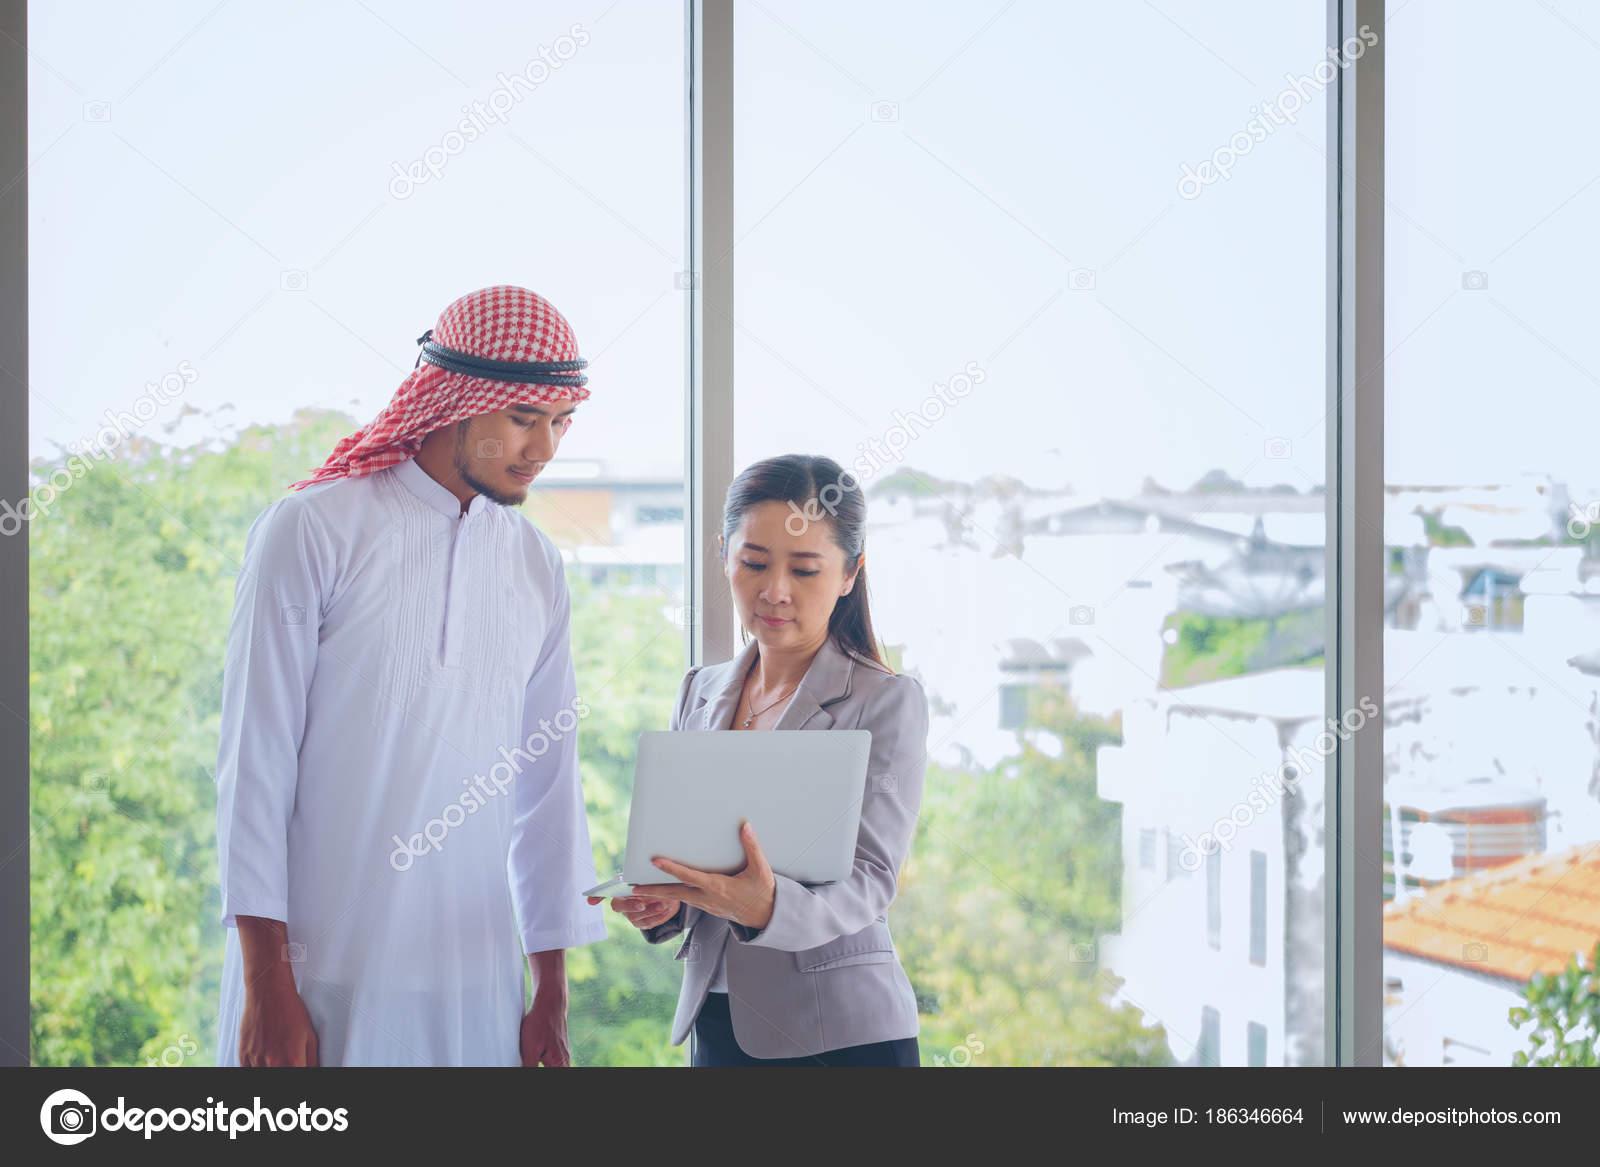 Businessp homme arabe eople avec tablette en bureau numérique m